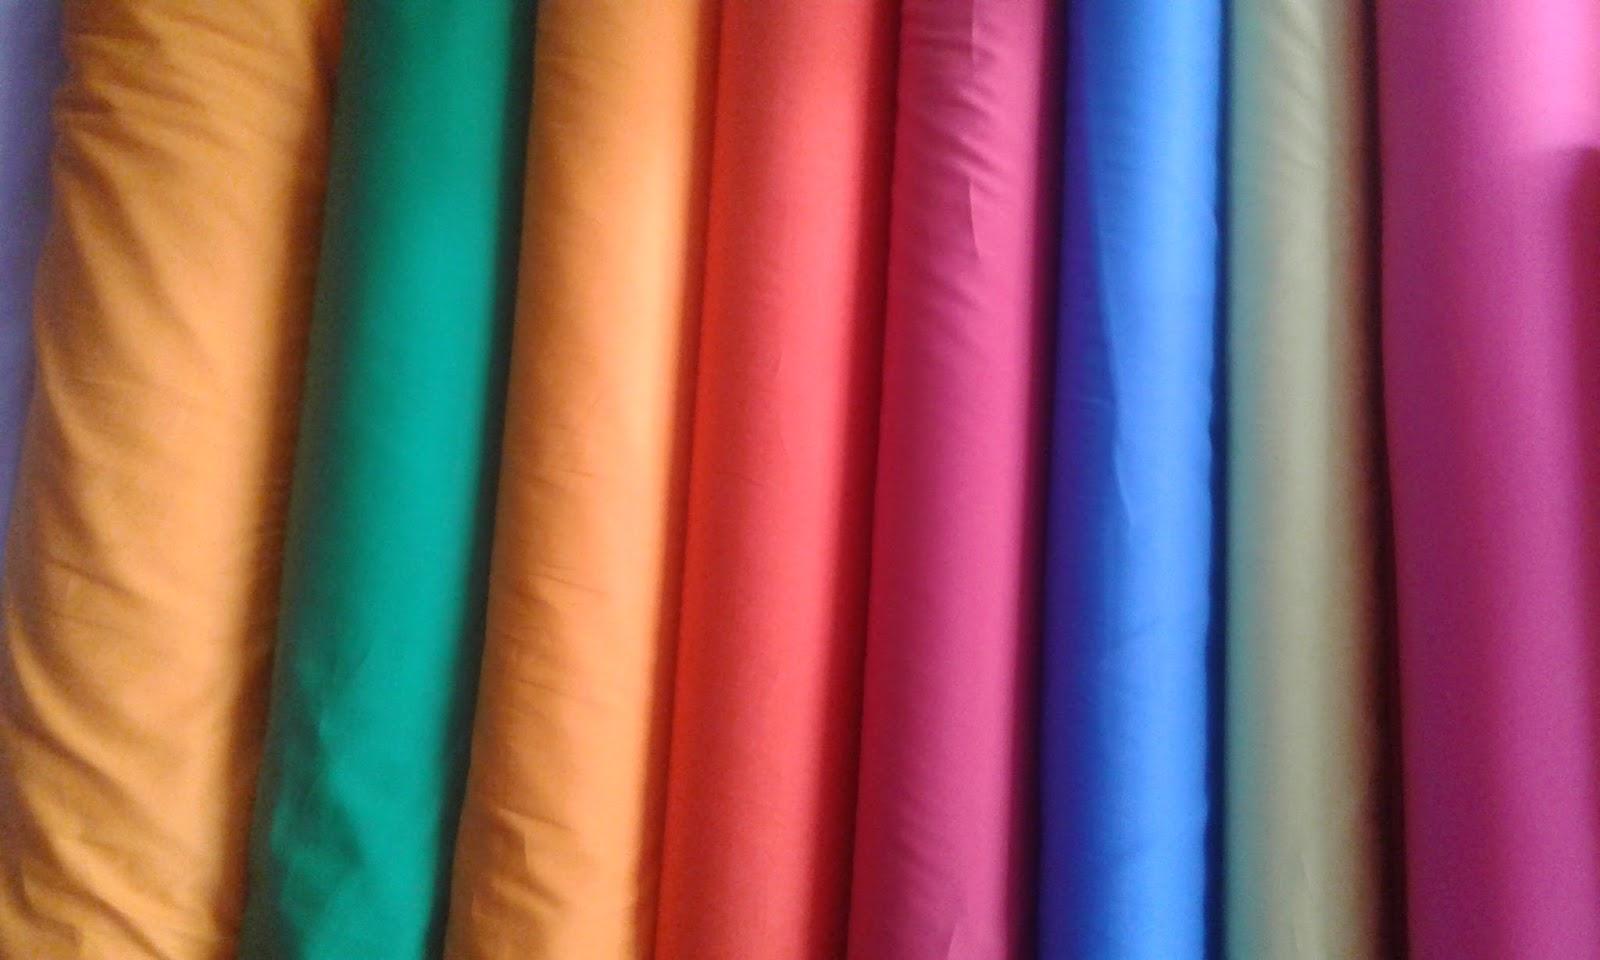 Ciri dan Kelebihan Kain Katun Jepang - Model Gamis Syar'i